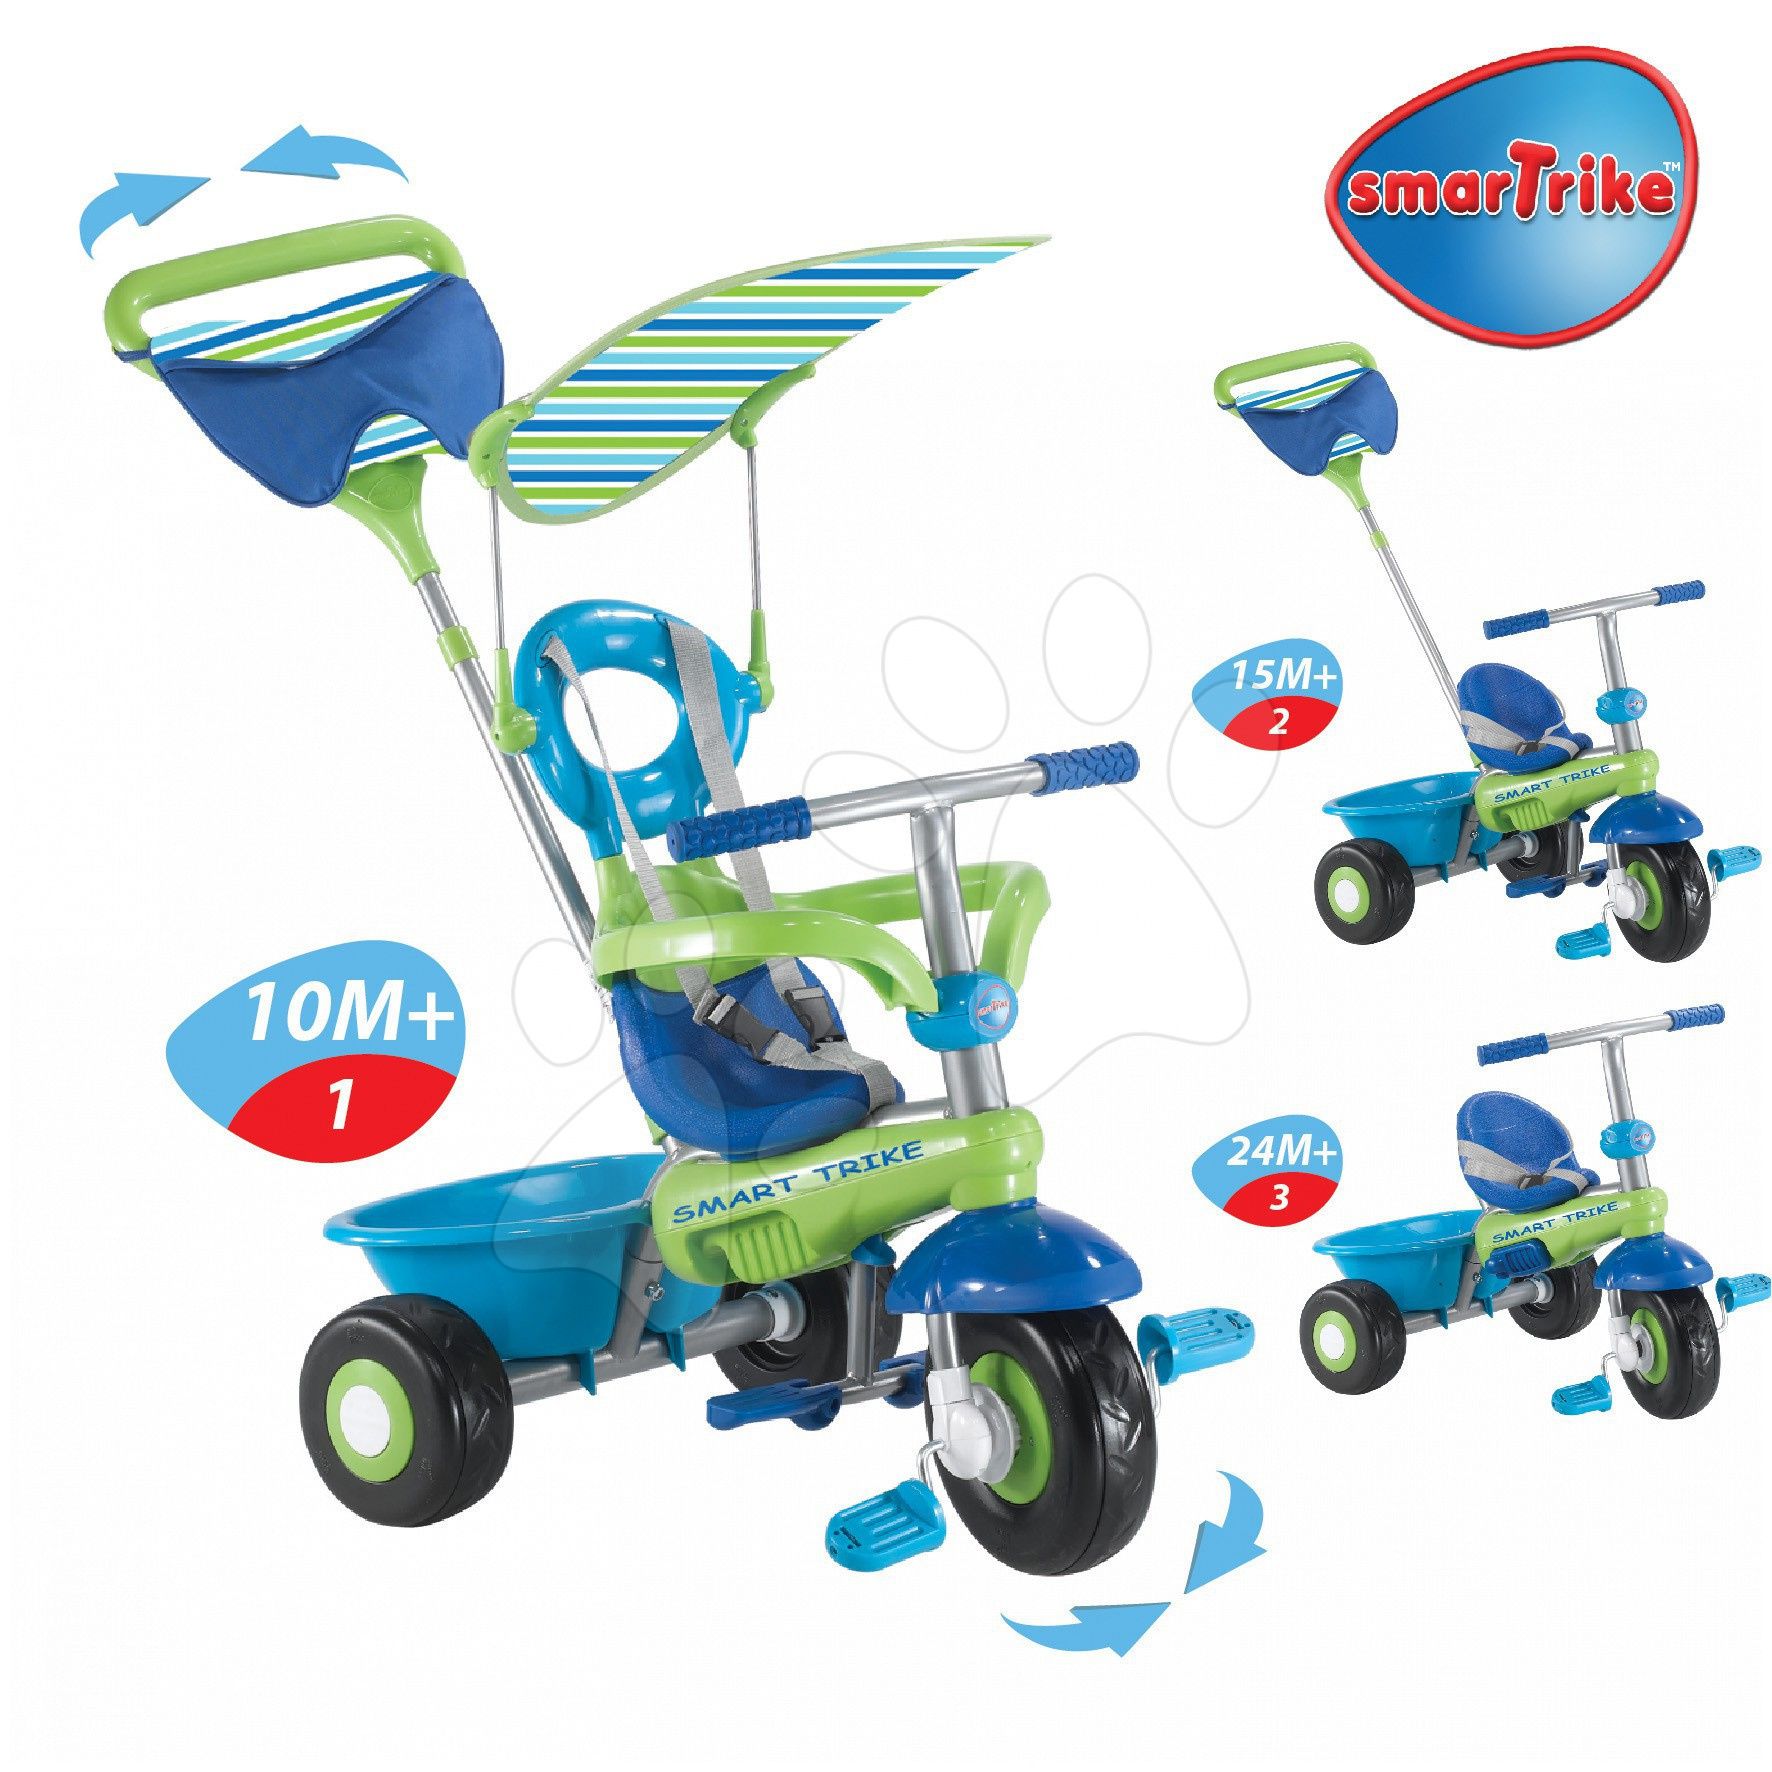 Trojkolky od 10 mesiacov - Trojkolka Plus Fresh smarTrike modro-zelená s pásikmi od 10 mes